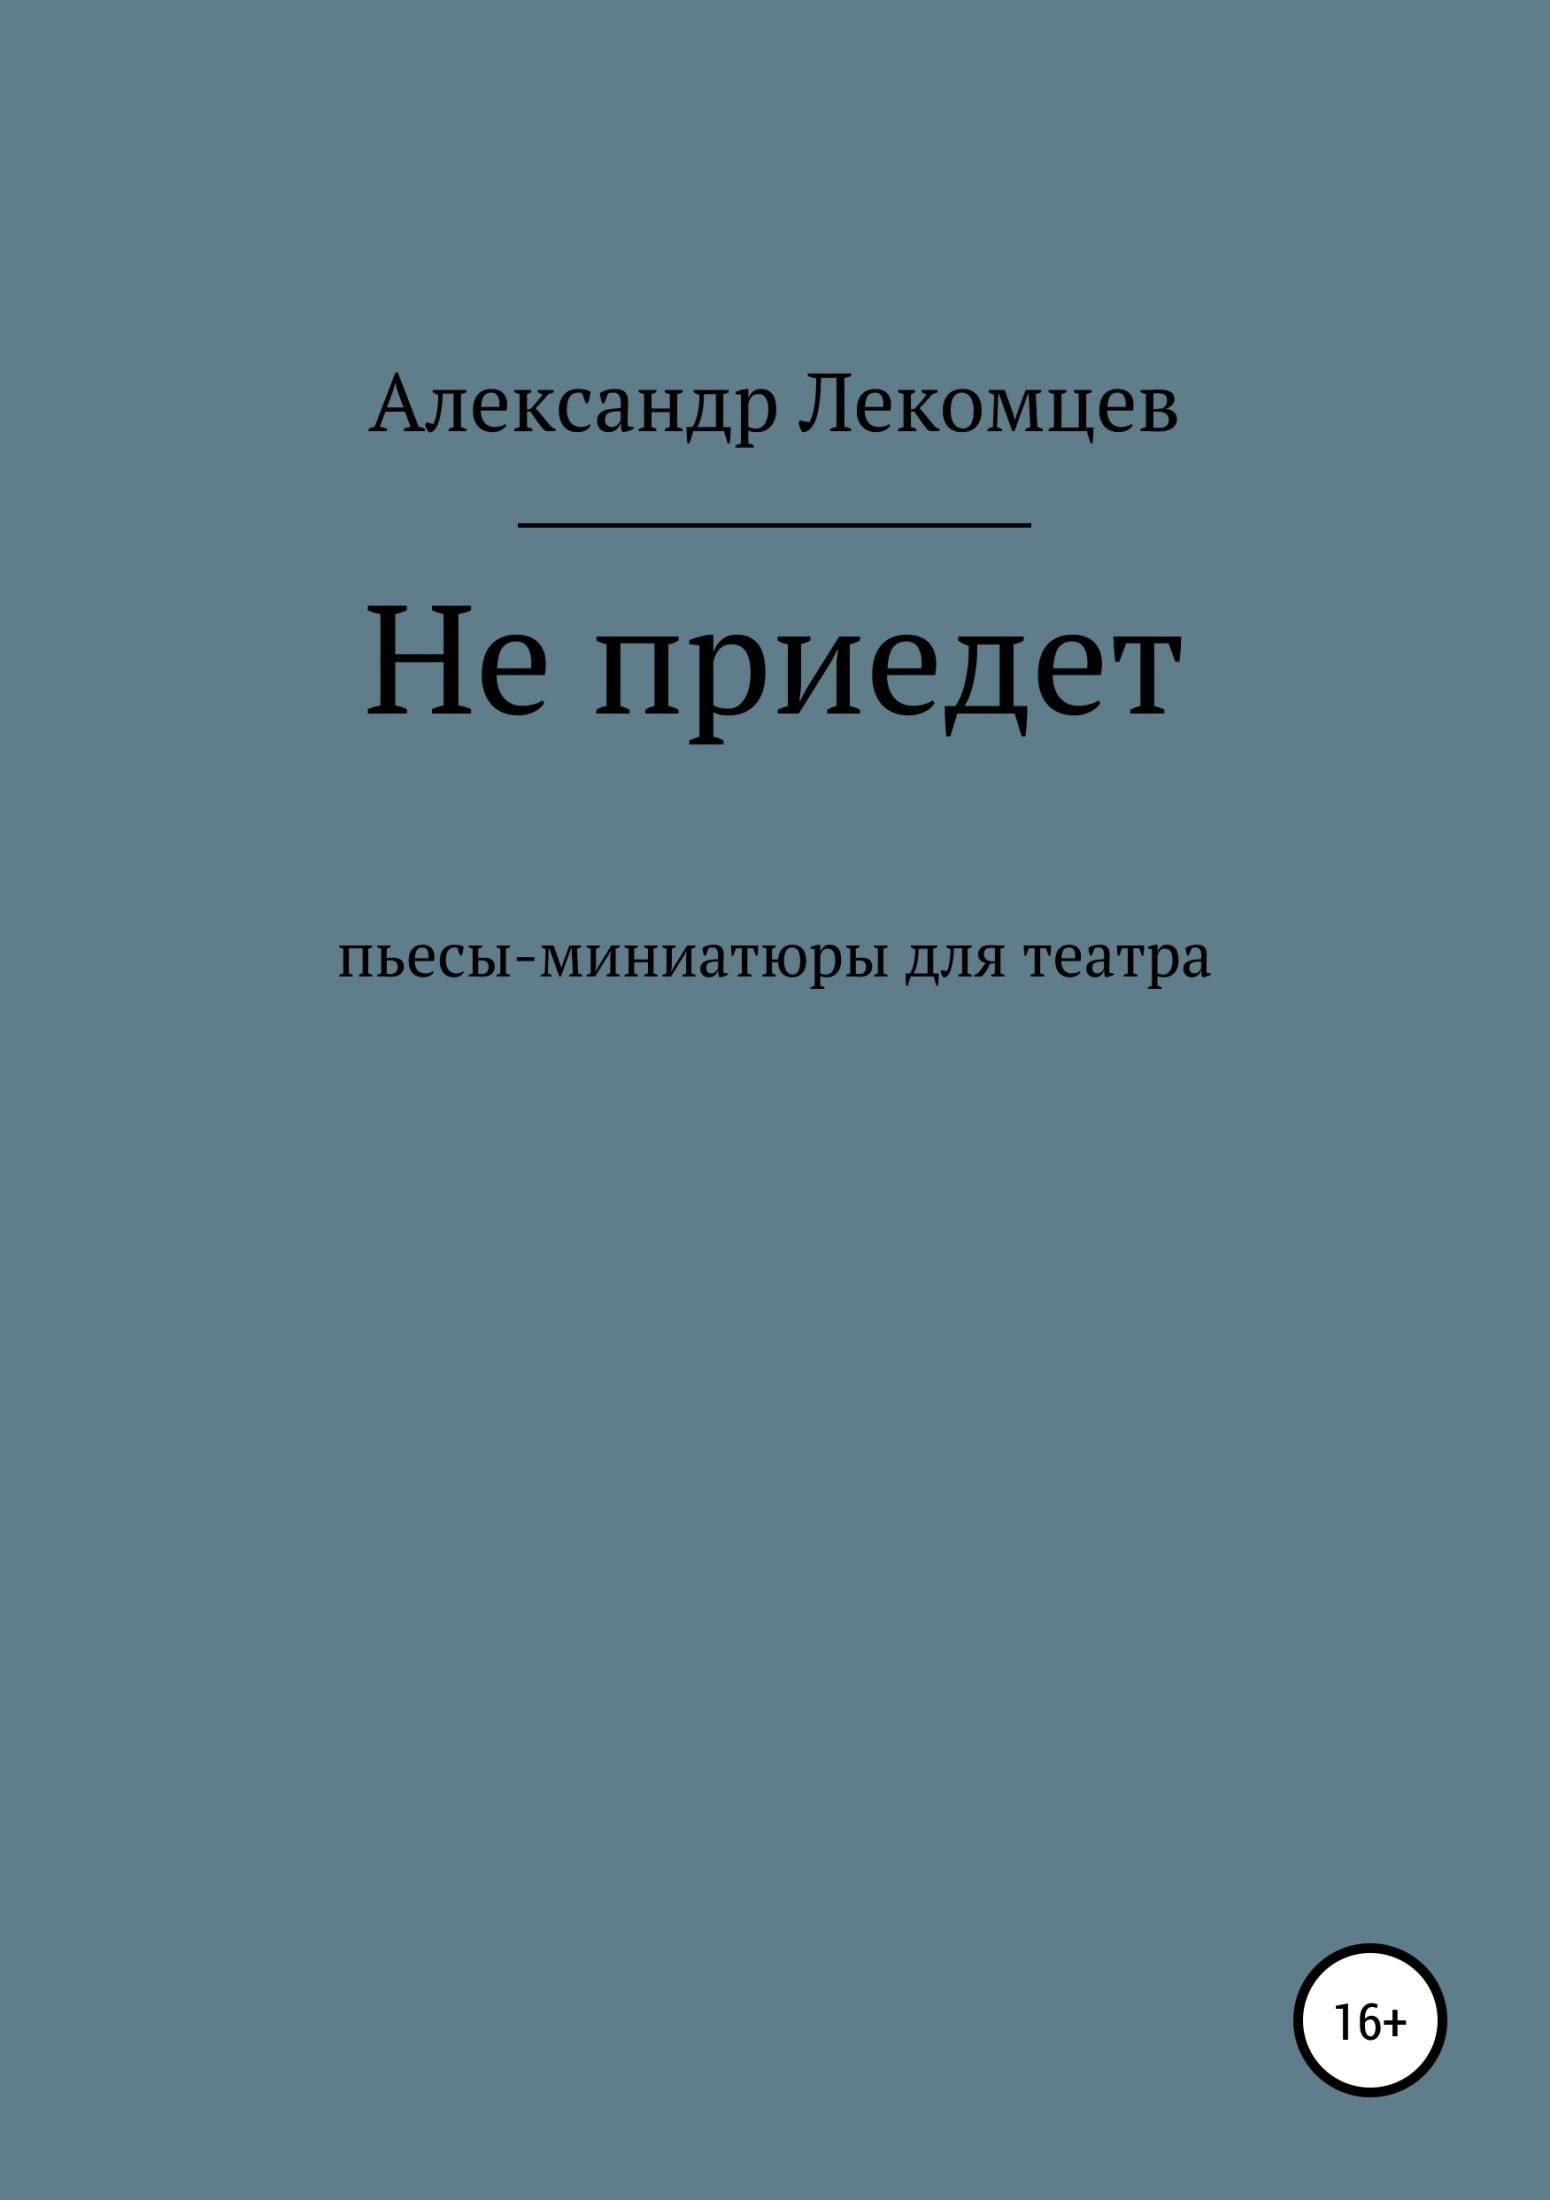 Александр Лекомцев - Не приедет